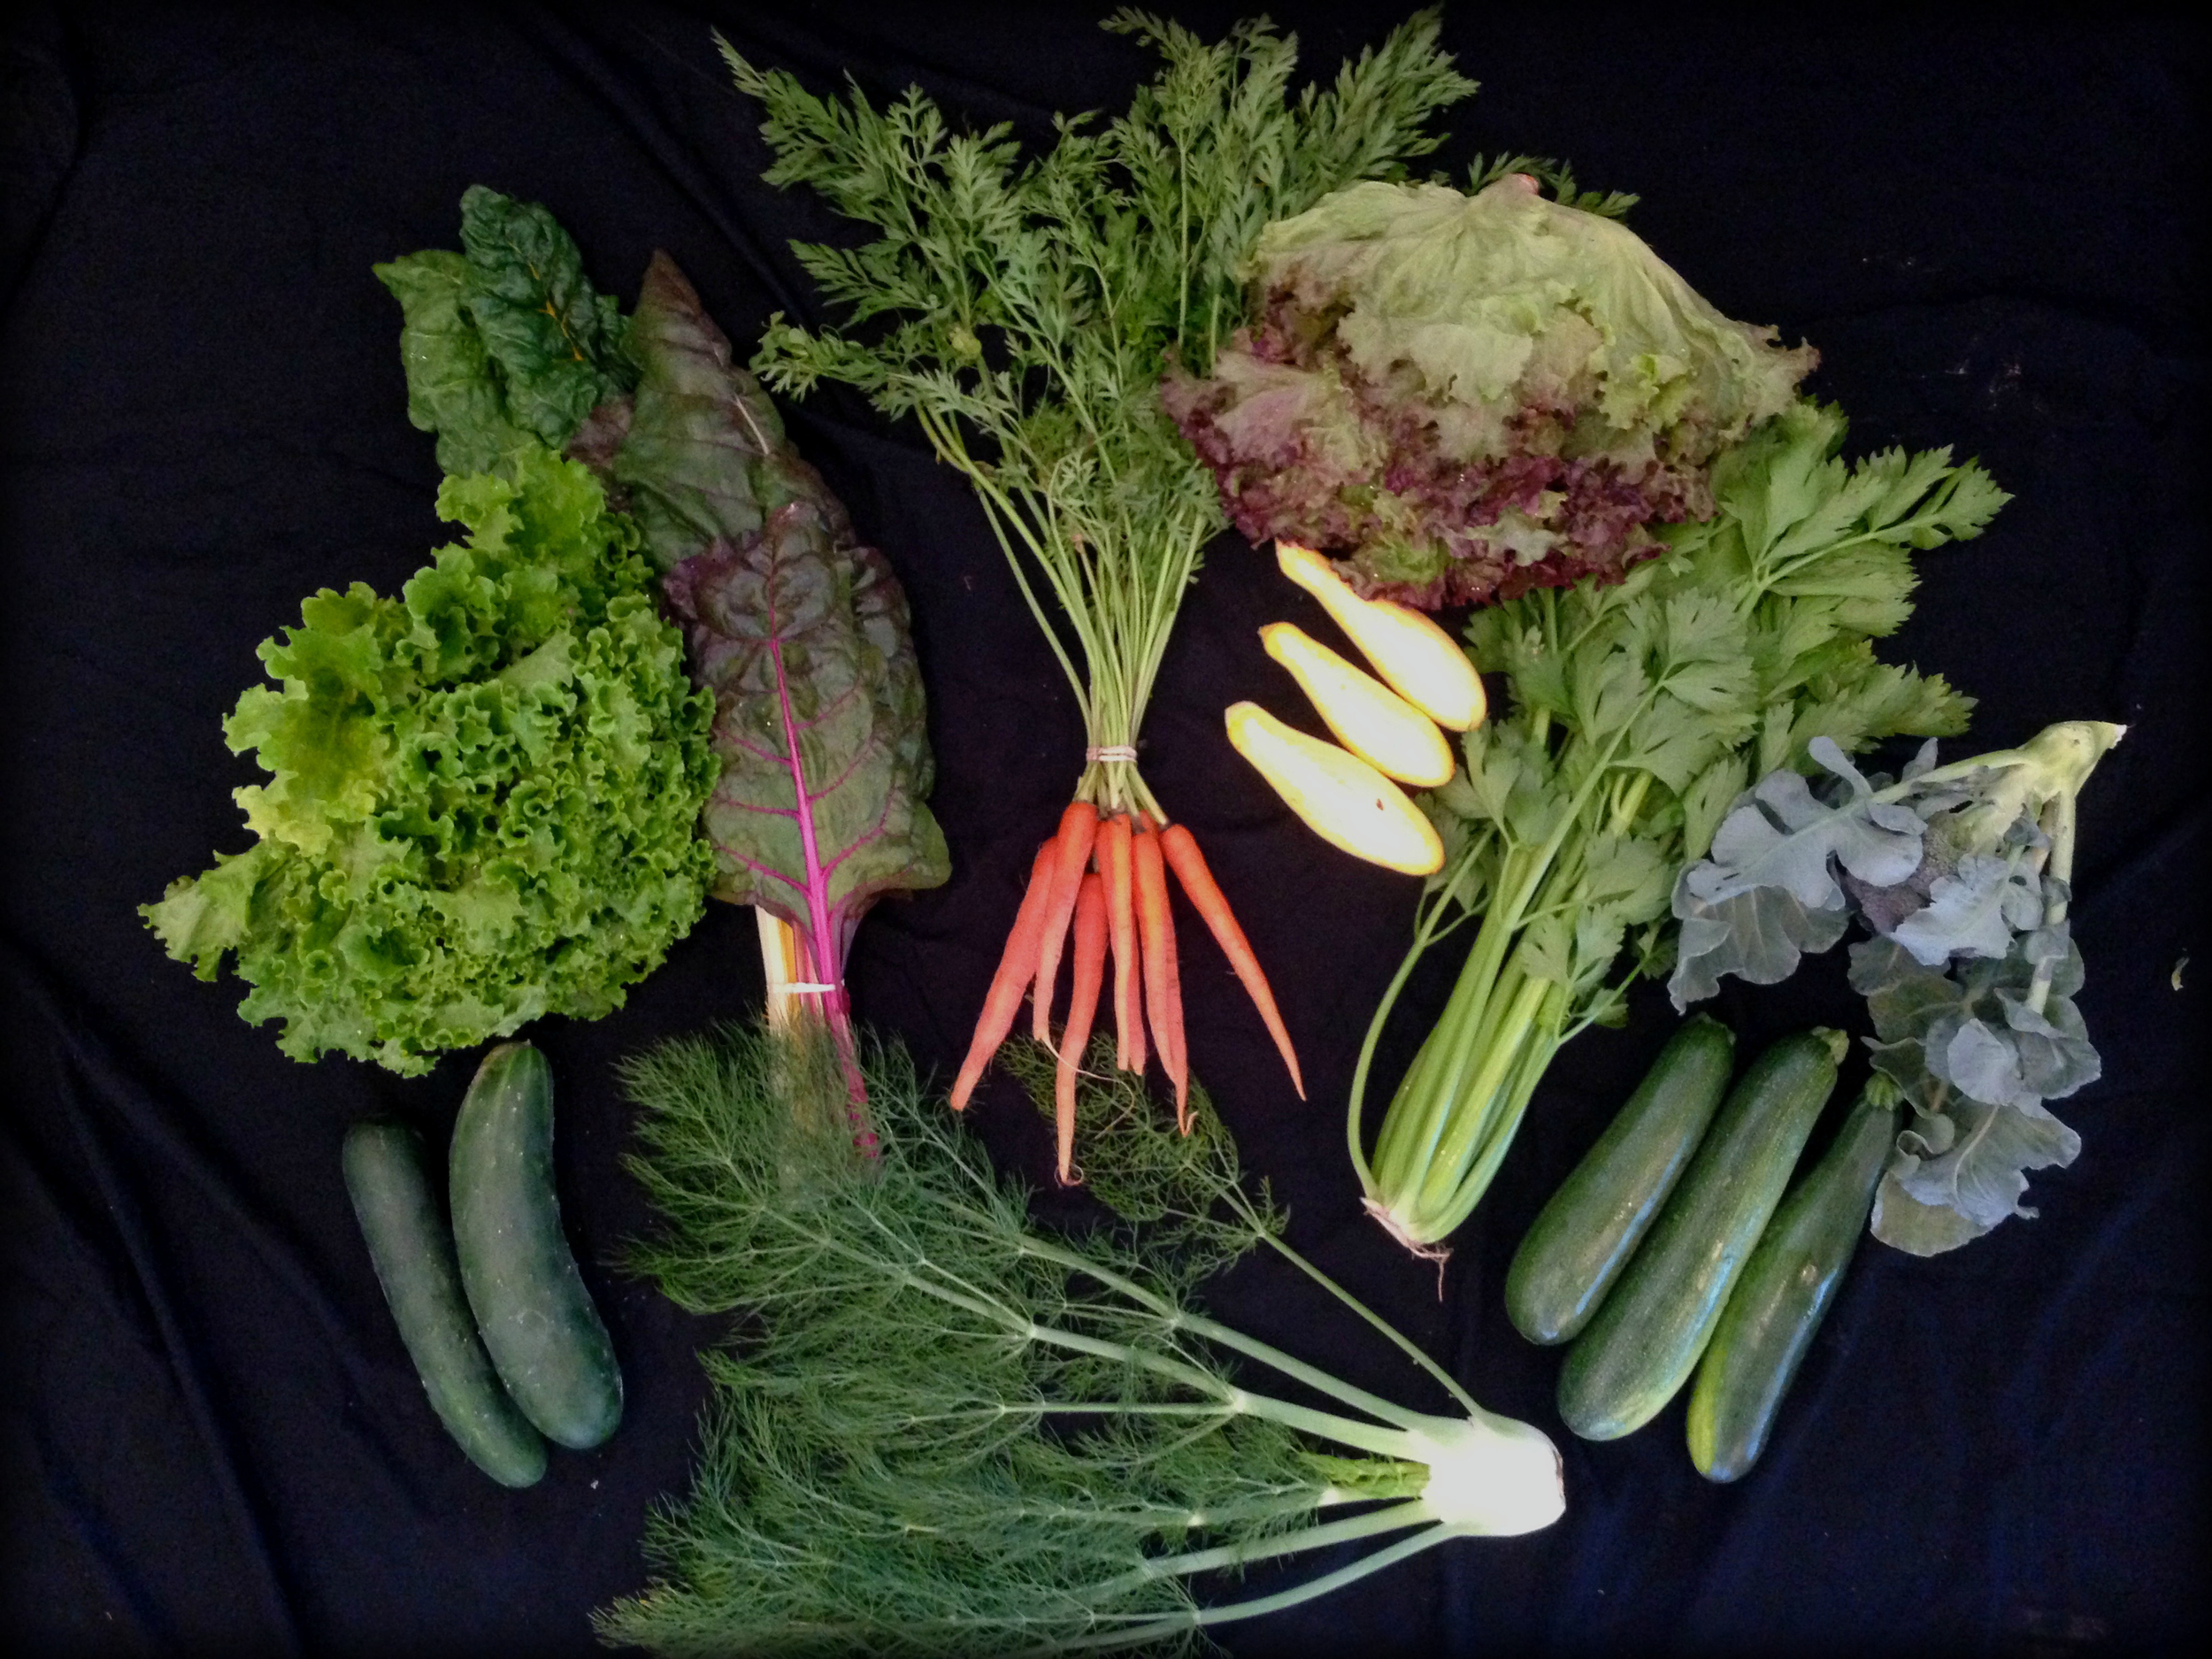 Green leaf lettuce, red leaf lettuce, chard, broccoli, celery, fennel, cucumber, zucchini, summer squash, carrots